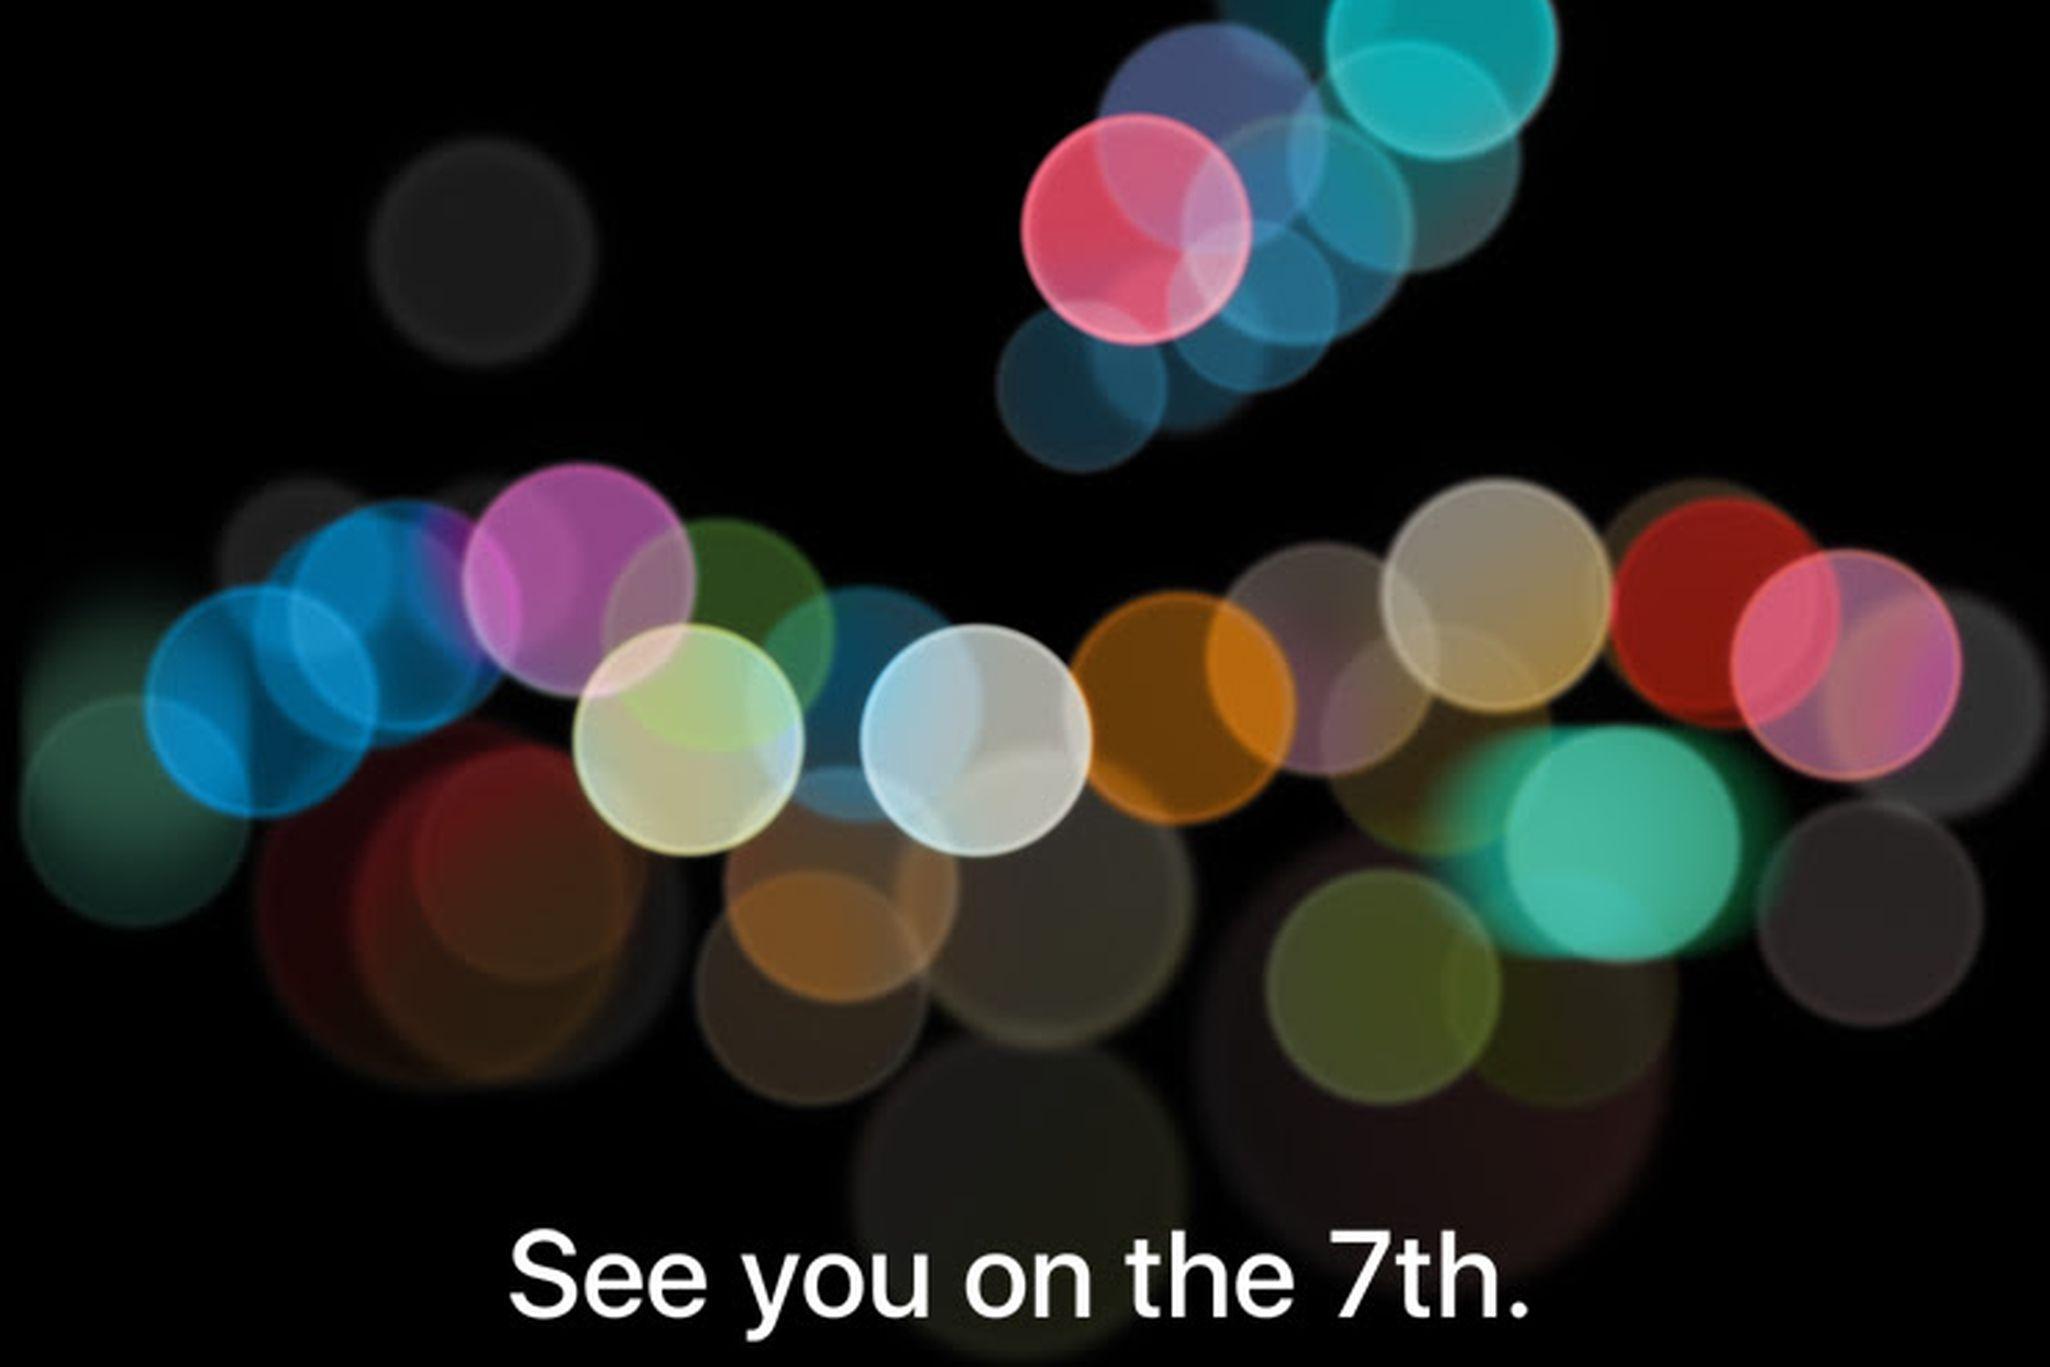 Apple sẽ giới thiệu iPhone mới và có thể là Watch mới vào ngày 7/9